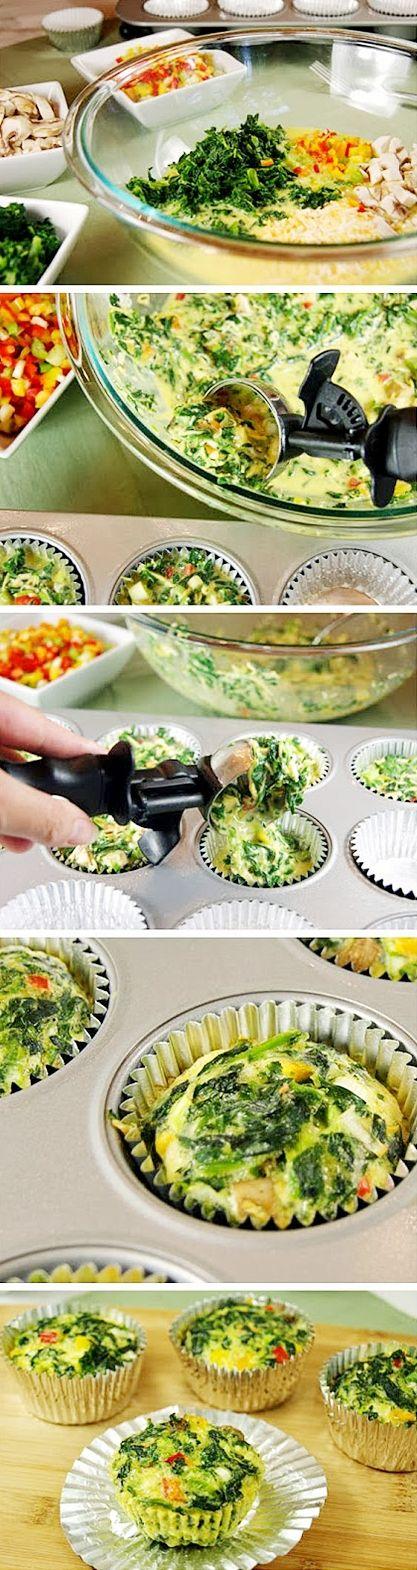 Recept na quiche - francouzský koláček se špenátem, houbami a kápií - DIETA.CZ